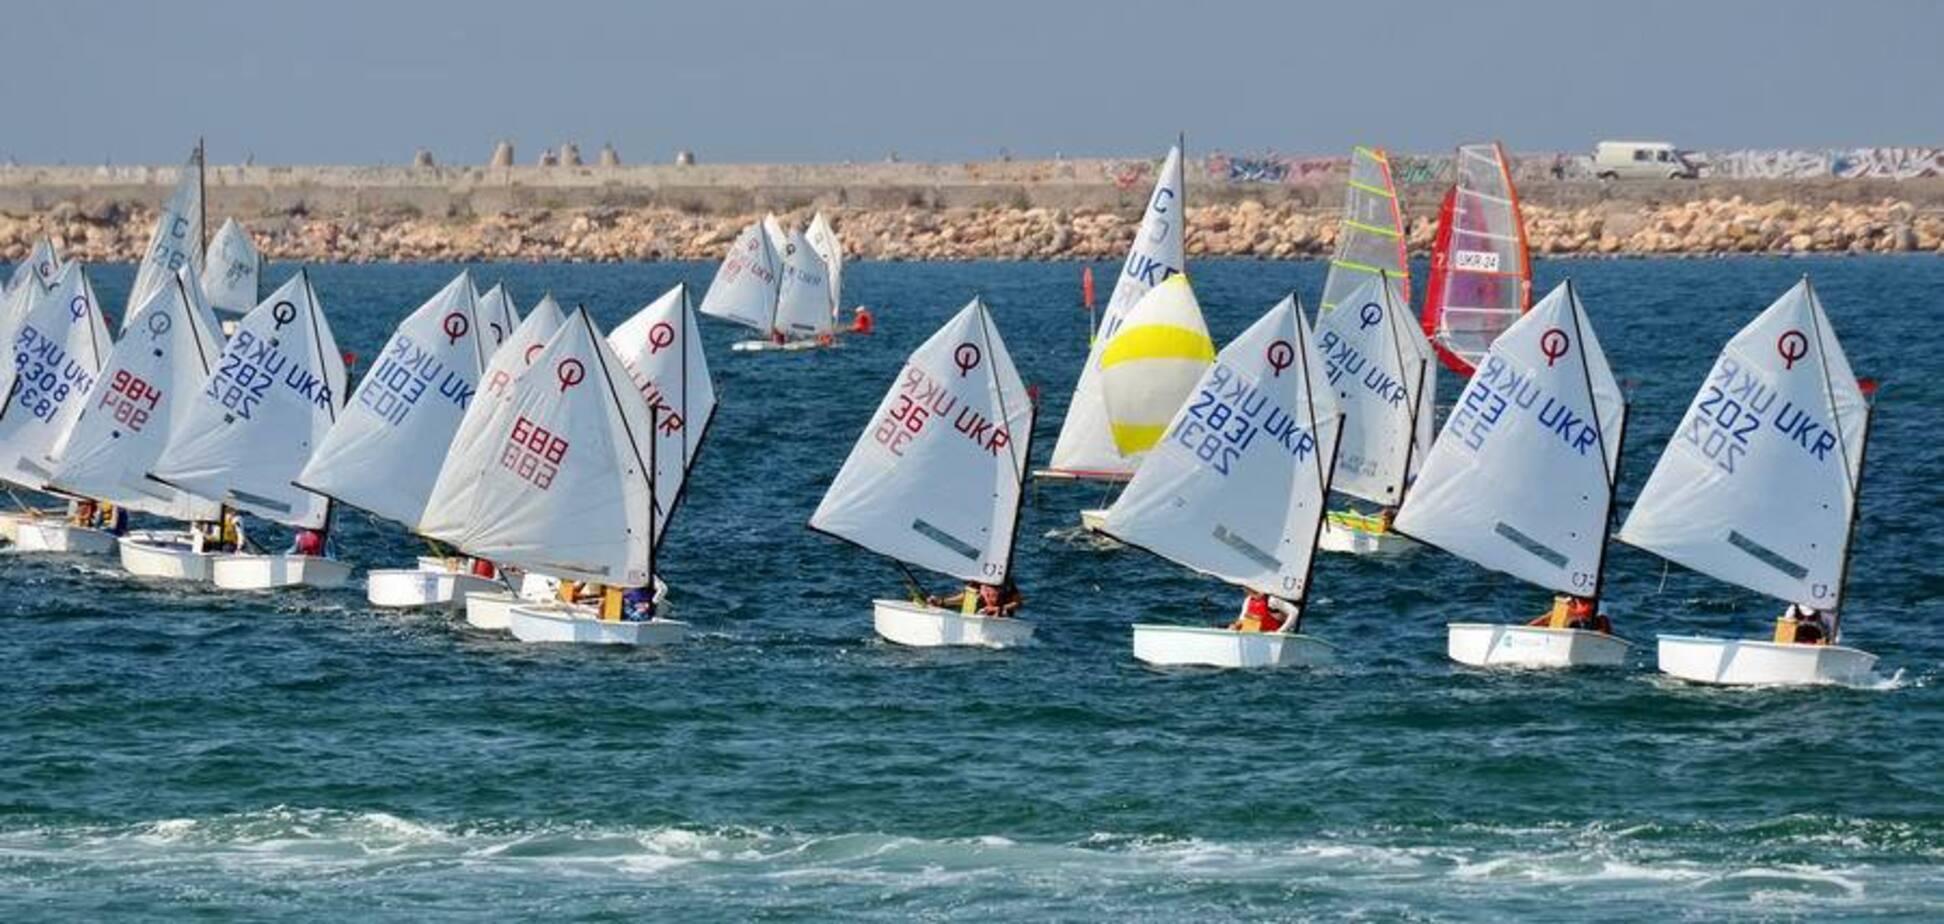 World Sailing збирається покарати Росію за Крим